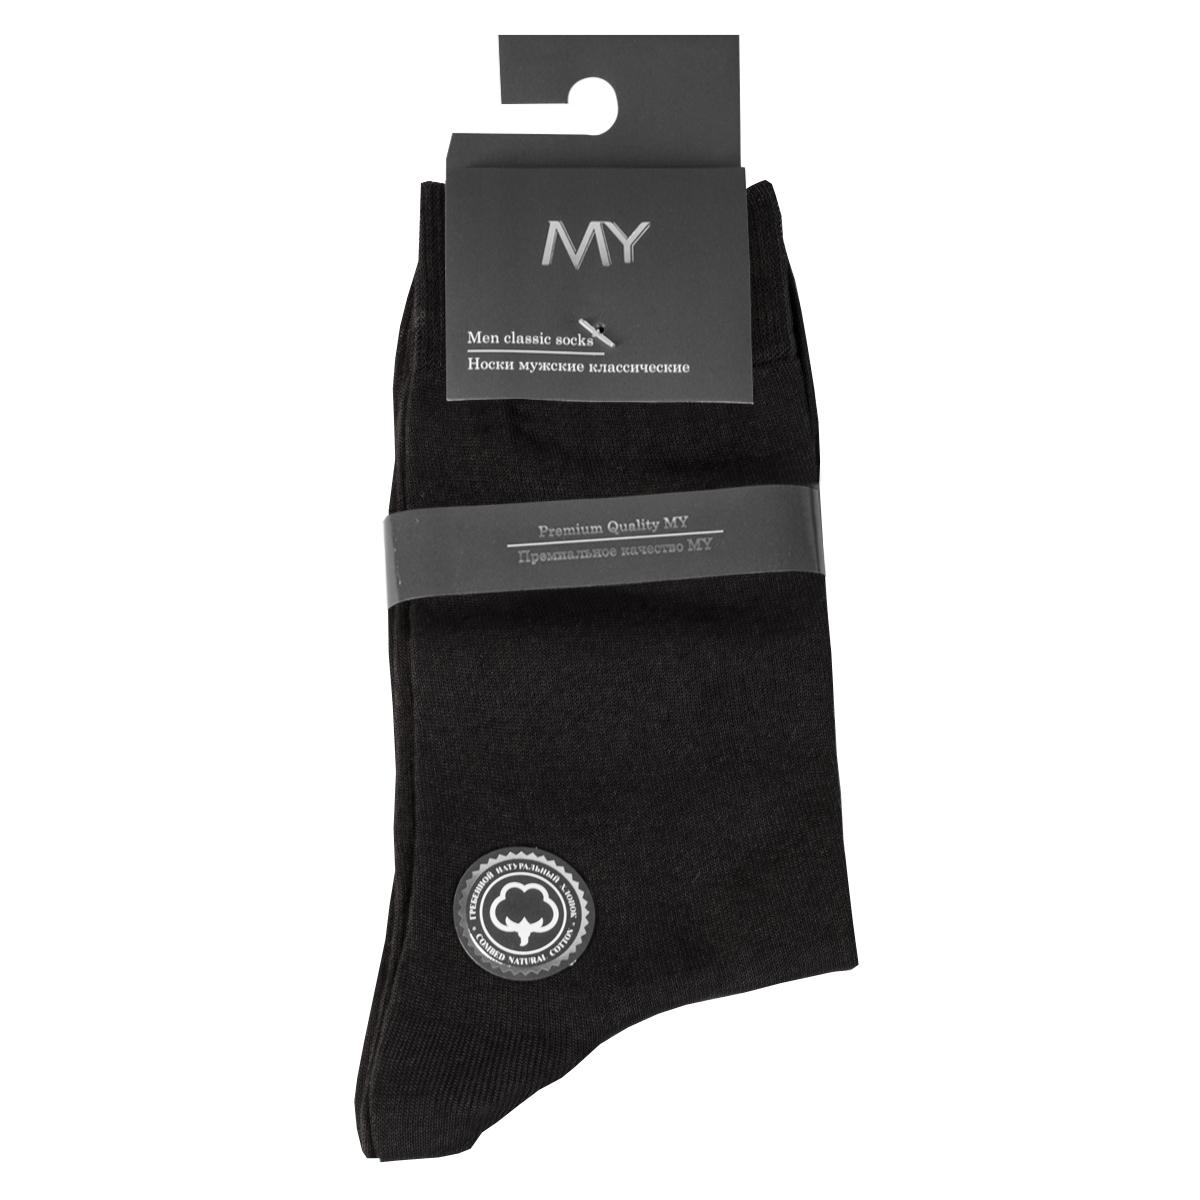 Носки мужские Mirey, цвет: темно-серый. MSC 005. Размер (41/43)MSC 005Классические мужские тонкие носки от Mirey выполнены из мерсеризованного хлопка. Усиленный мысок и пятка, комфортная двойная резинка, плоский шов.